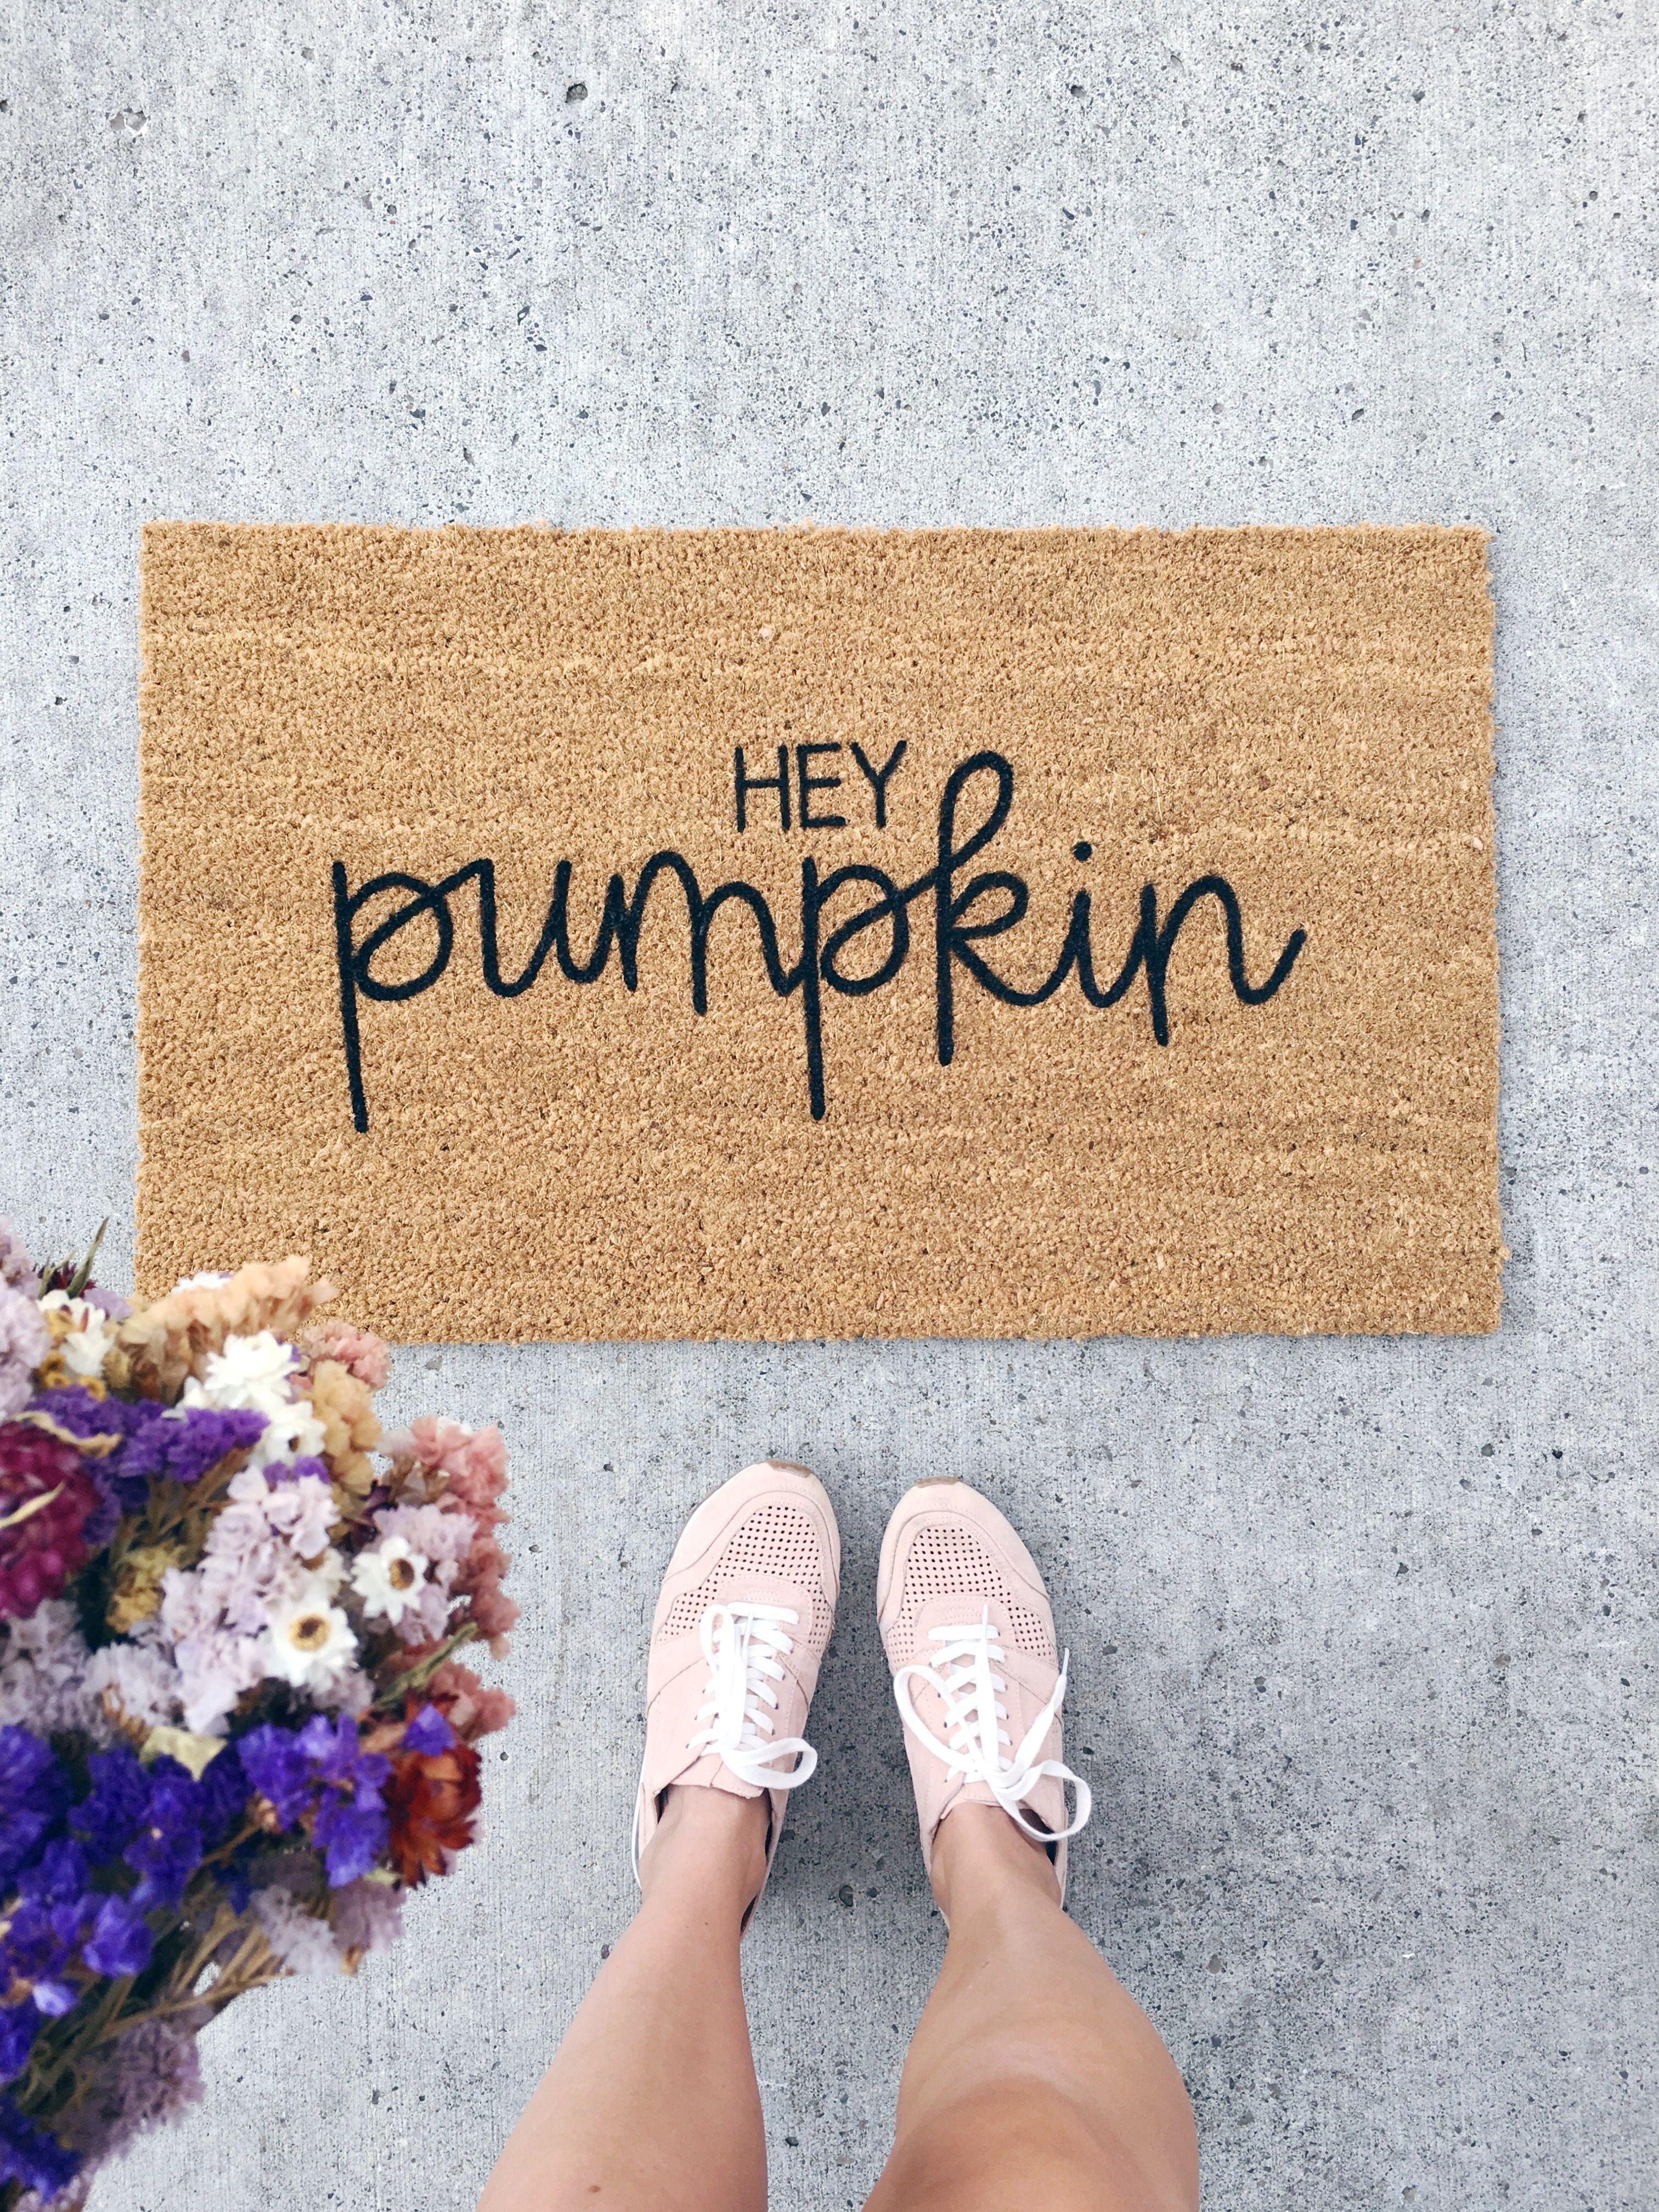 halloween welcome mat customized doormat personalized doormat Welcome to our coven doormat fall decor housewarming gift pumpkin